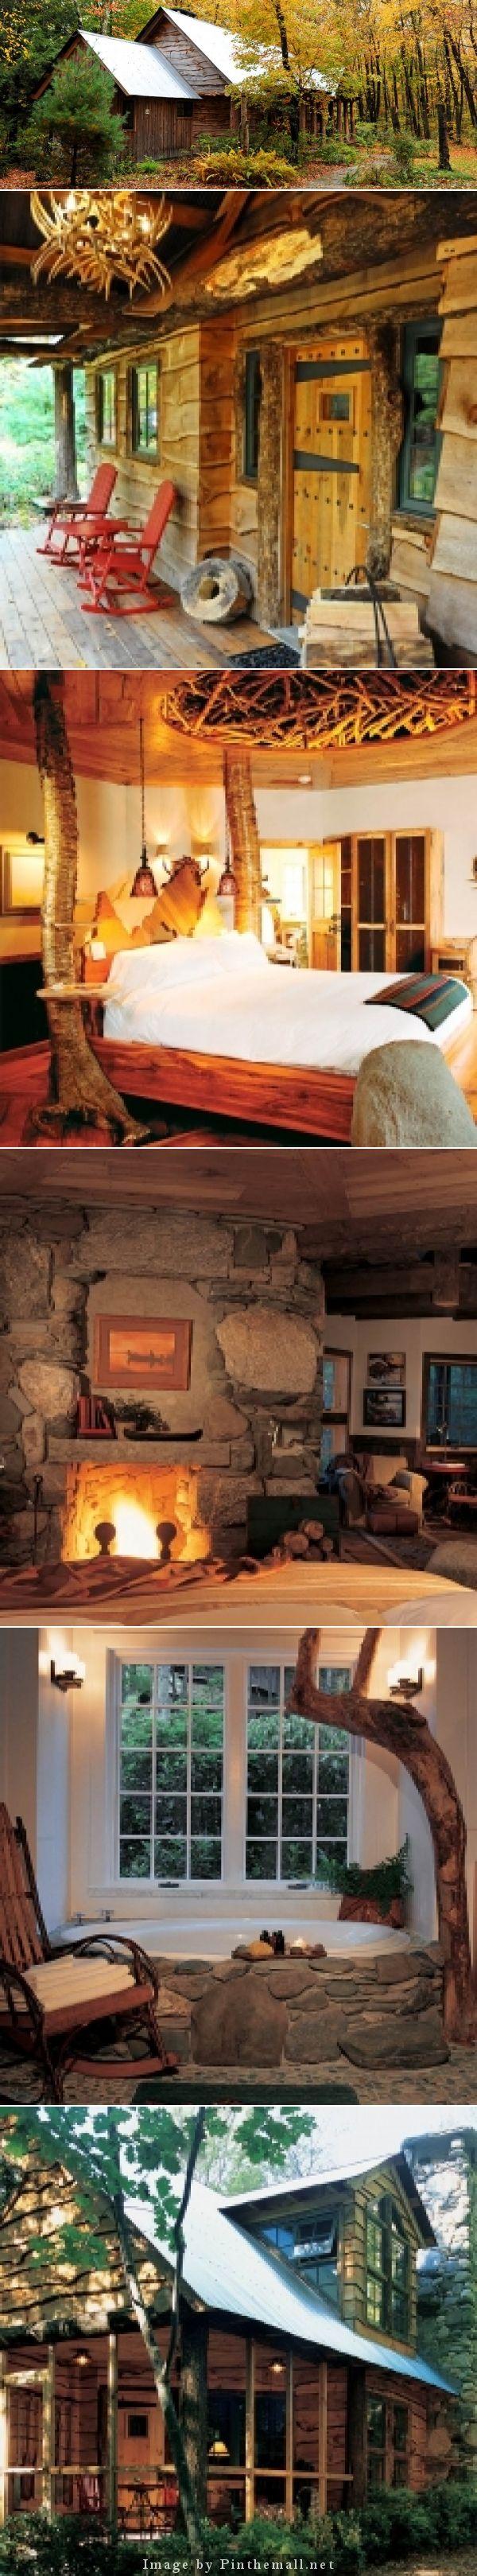 169 best old log cabins images on pinterest log cabins log homes